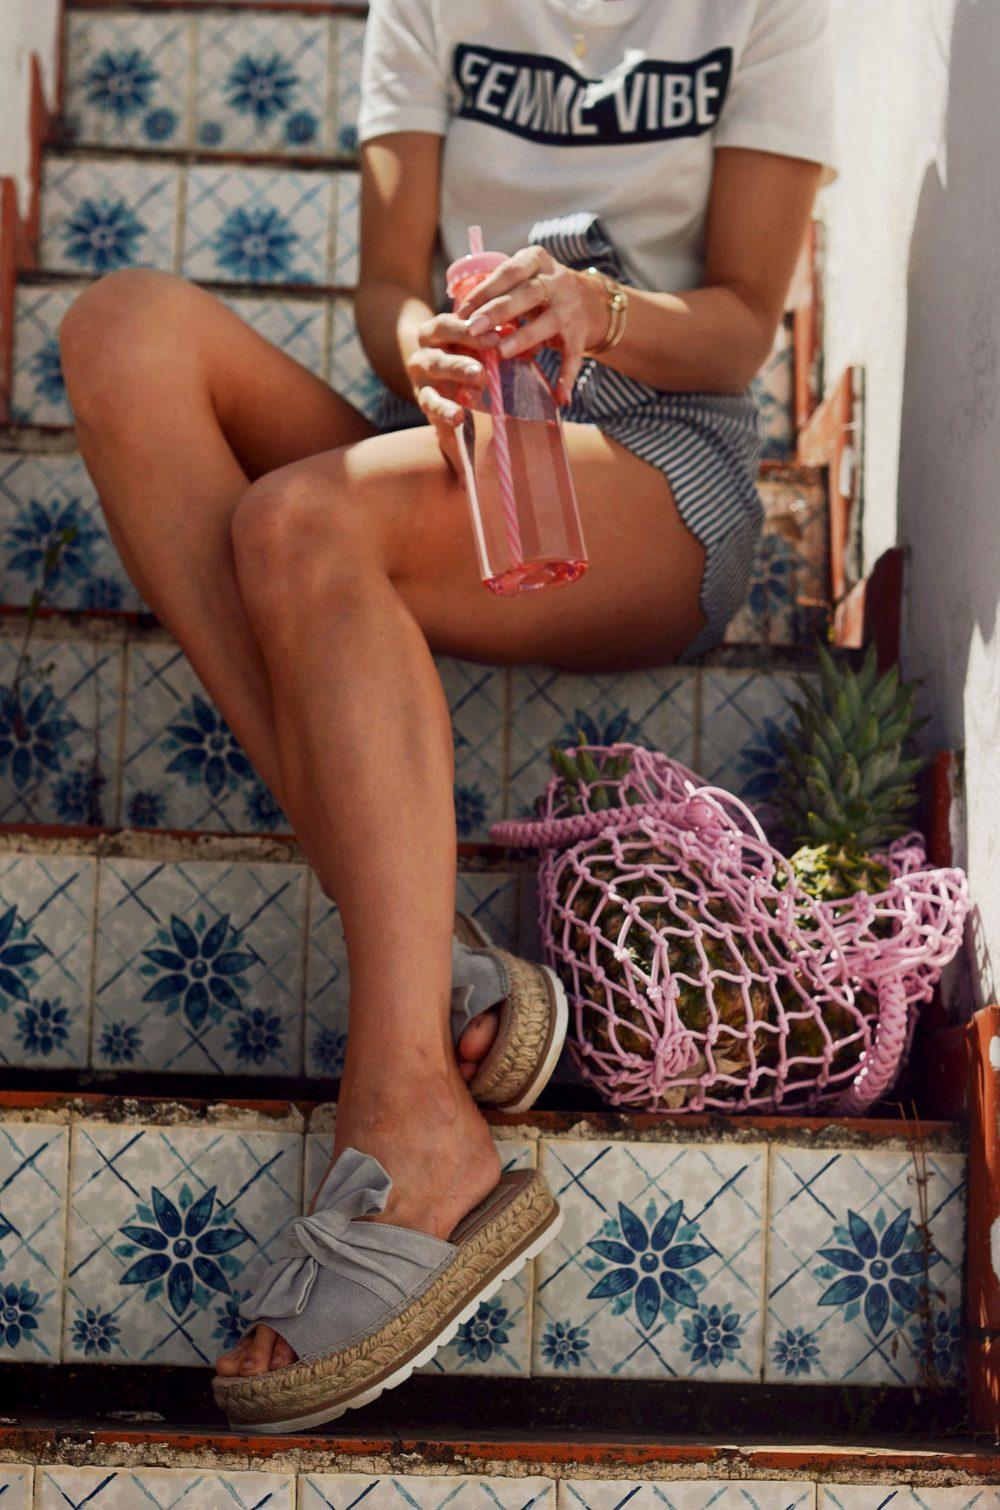 plateauschuhe, sandalen, sommerschuhe, plateau, shorts, hose, shirt, statementshirt, sommer, muschelsaum